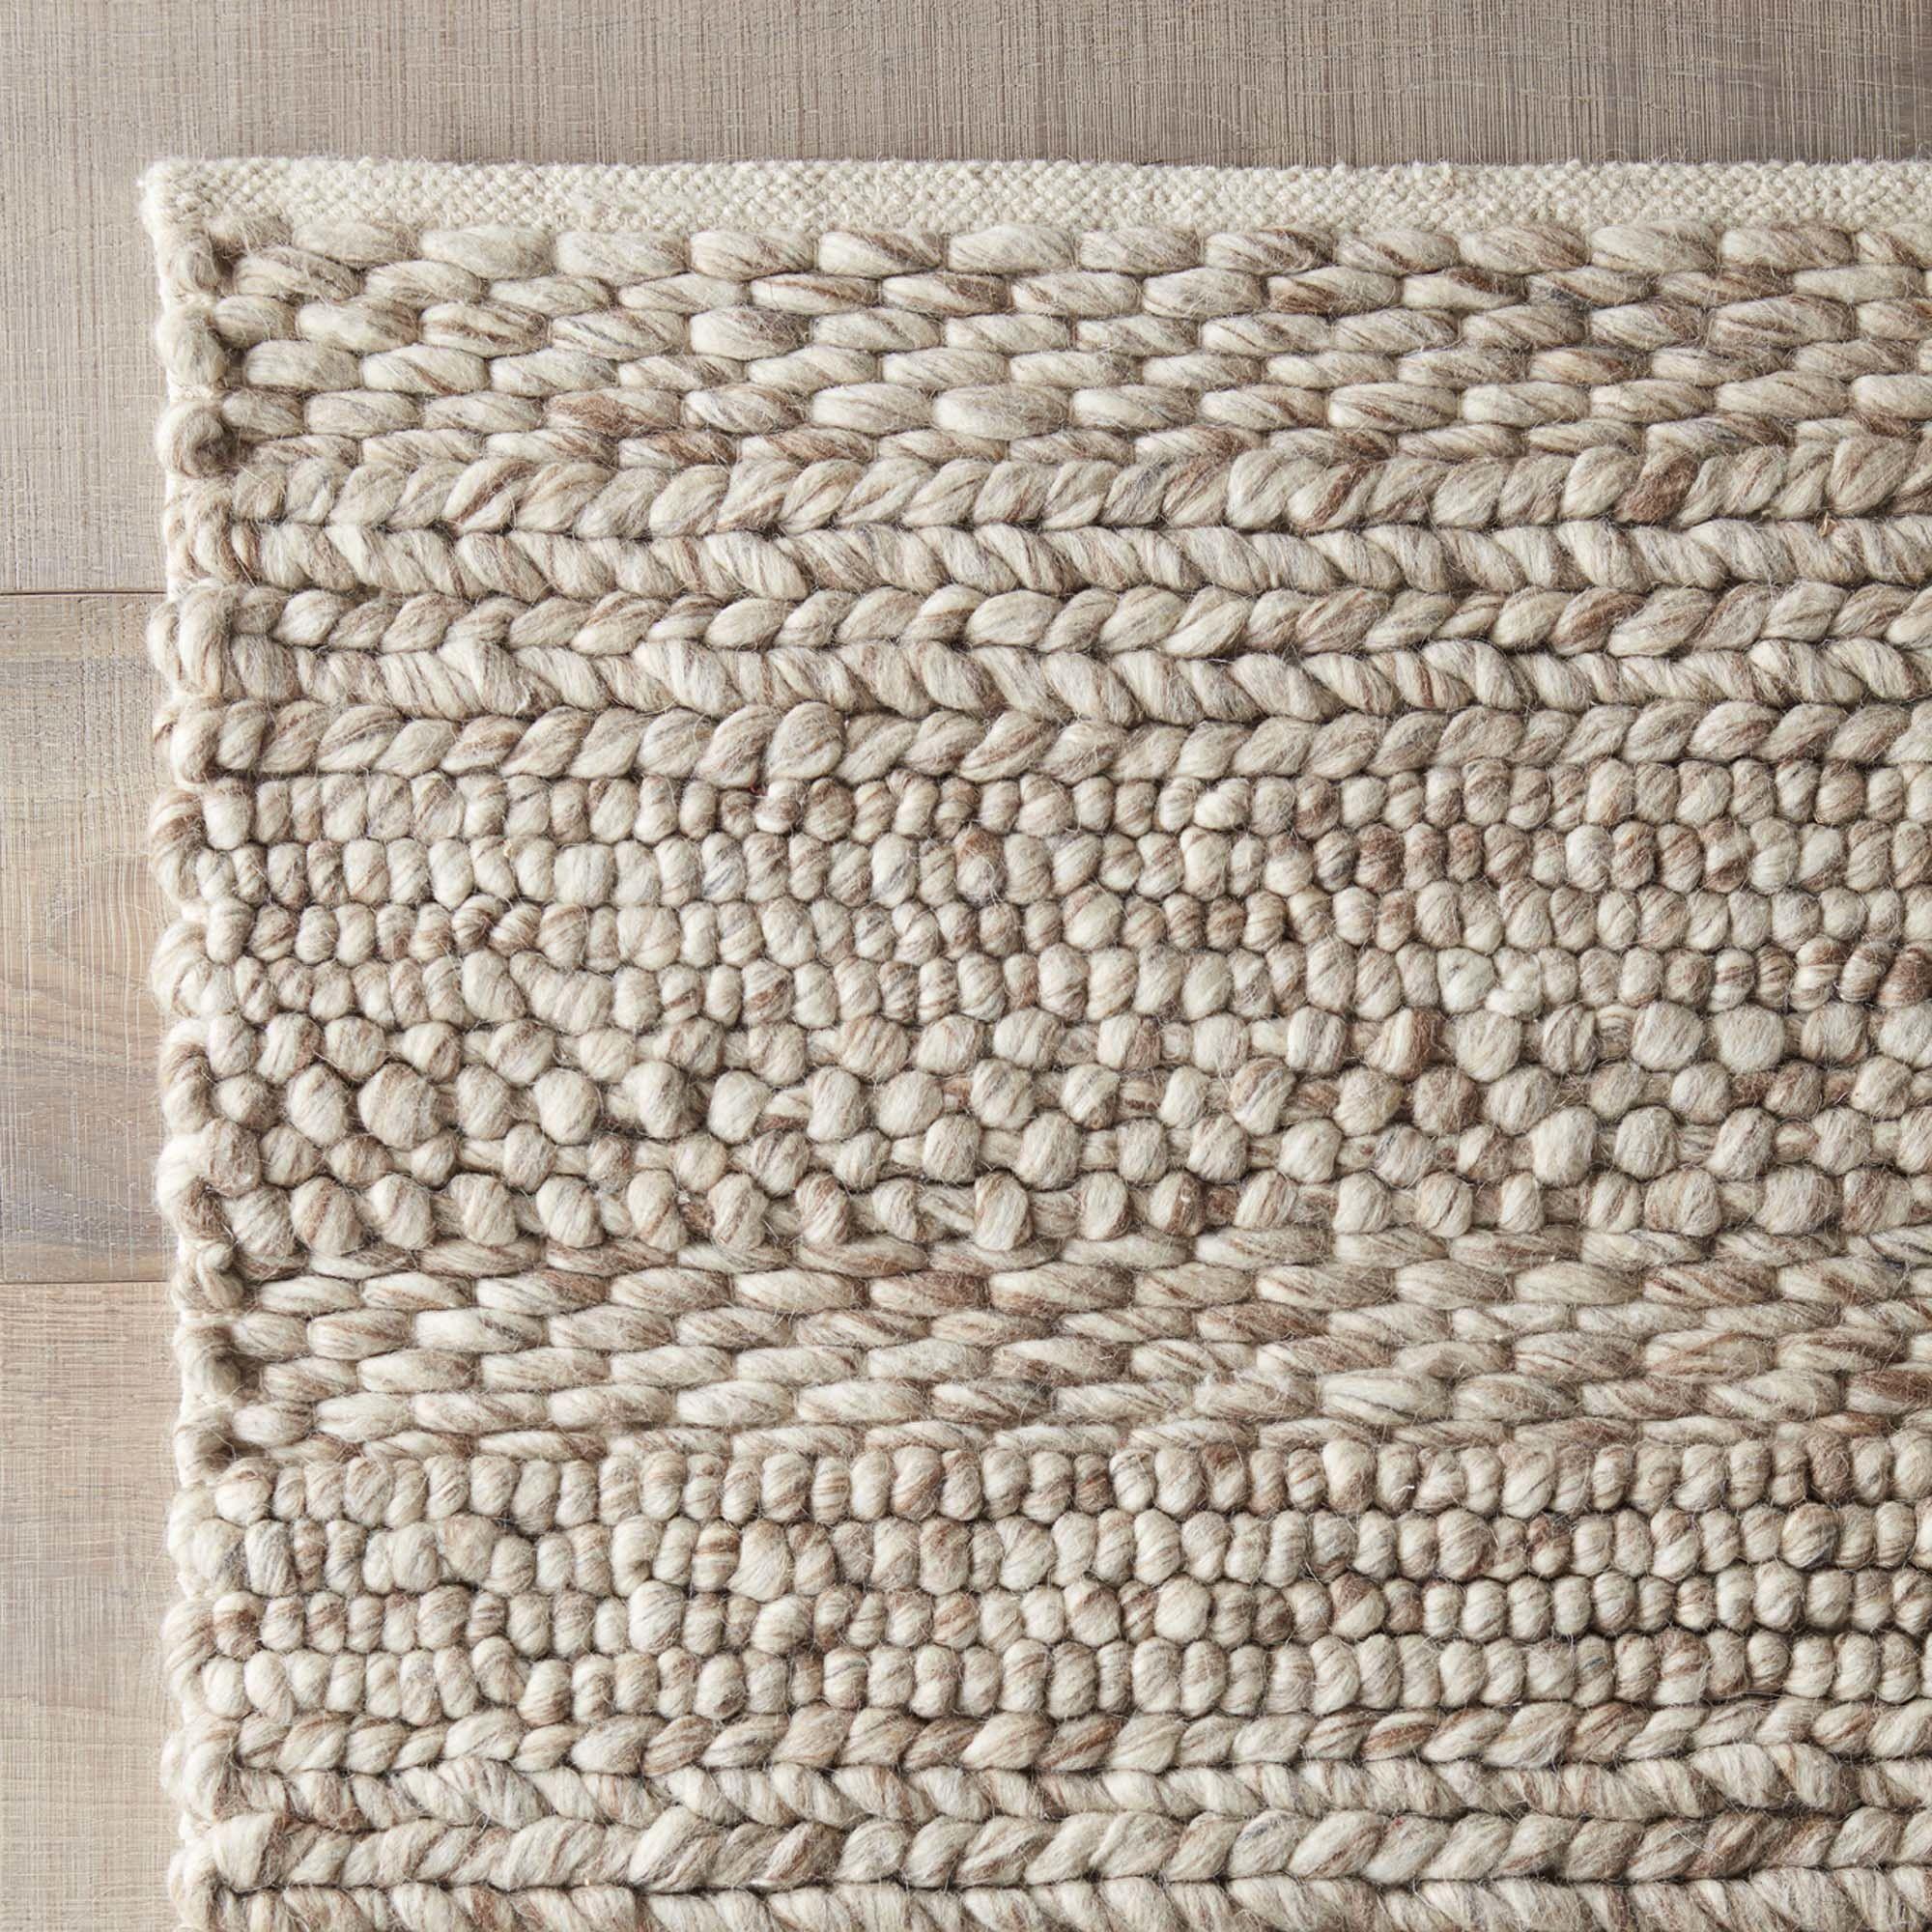 woven rugs dwellstudio florian hand-woven natural area rug QRMZODA